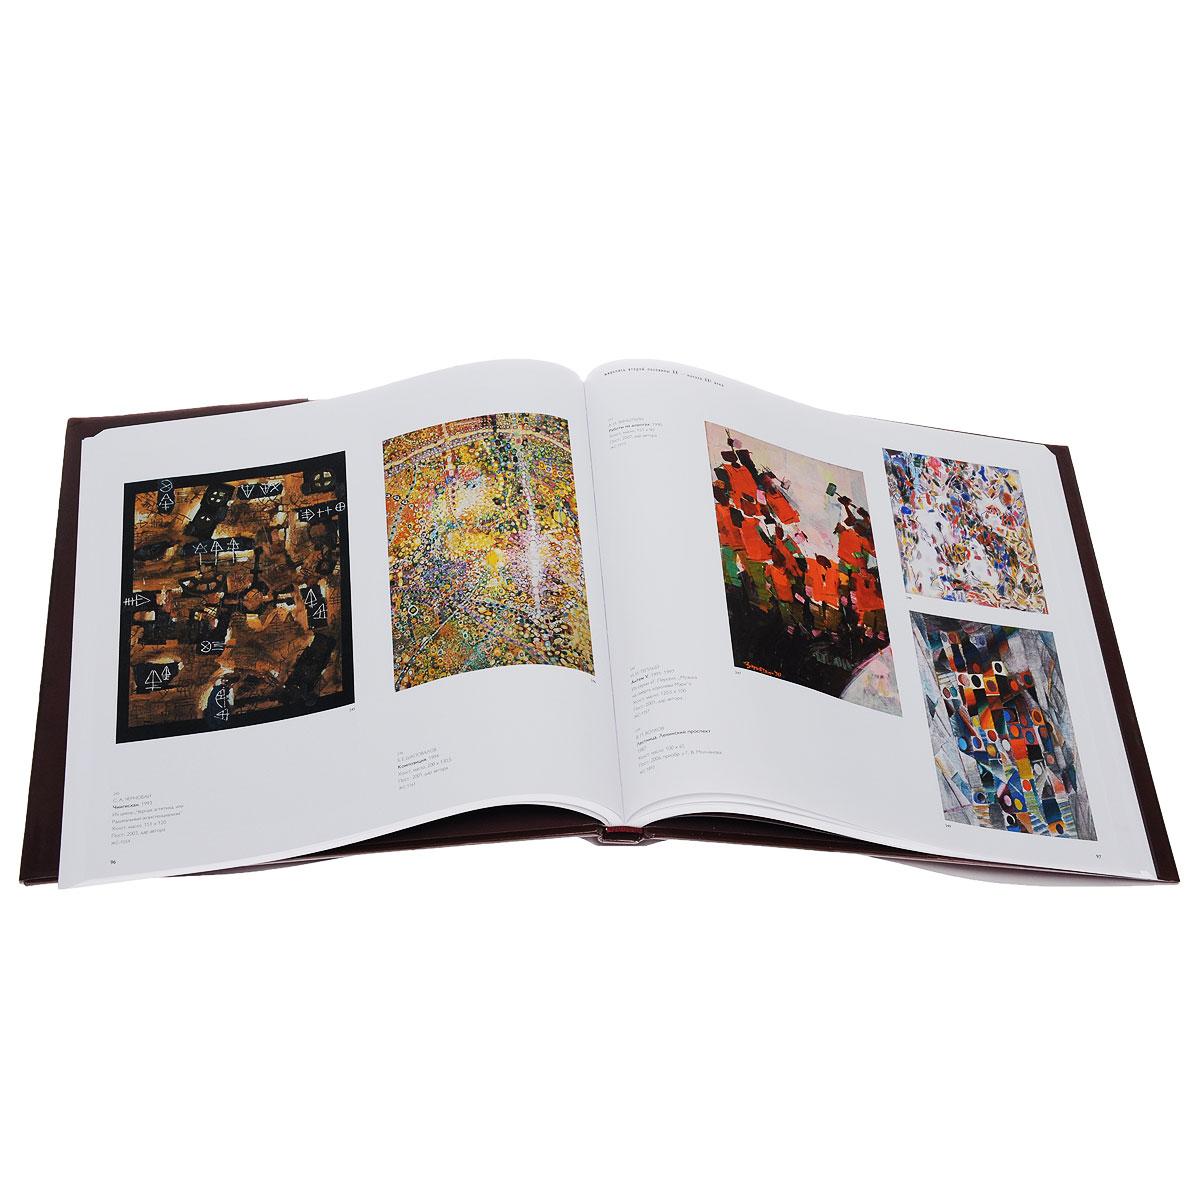 Русский музей. Новые поступления 1998 - 2014. Альманах, №451, 2015